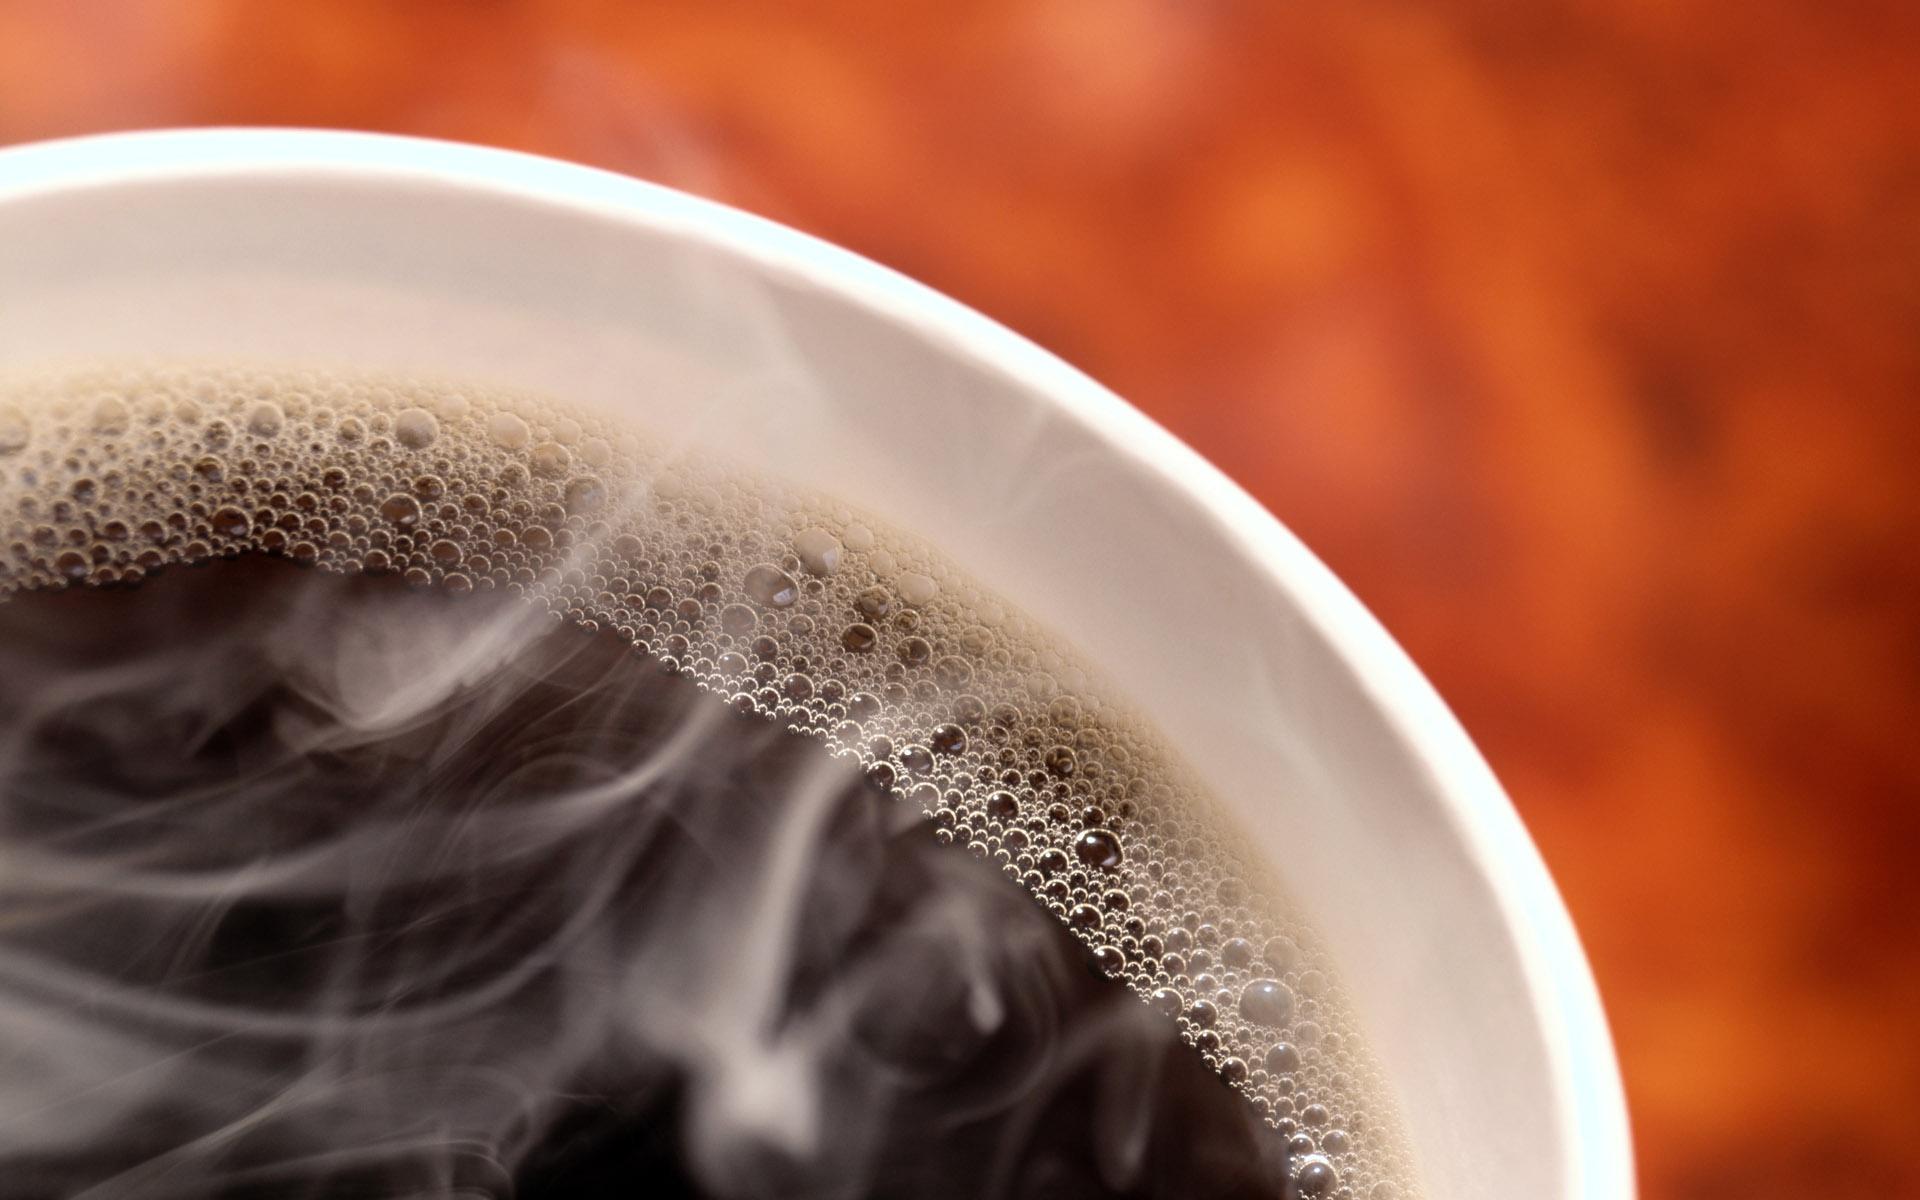 Una taza de café - 1920x1200